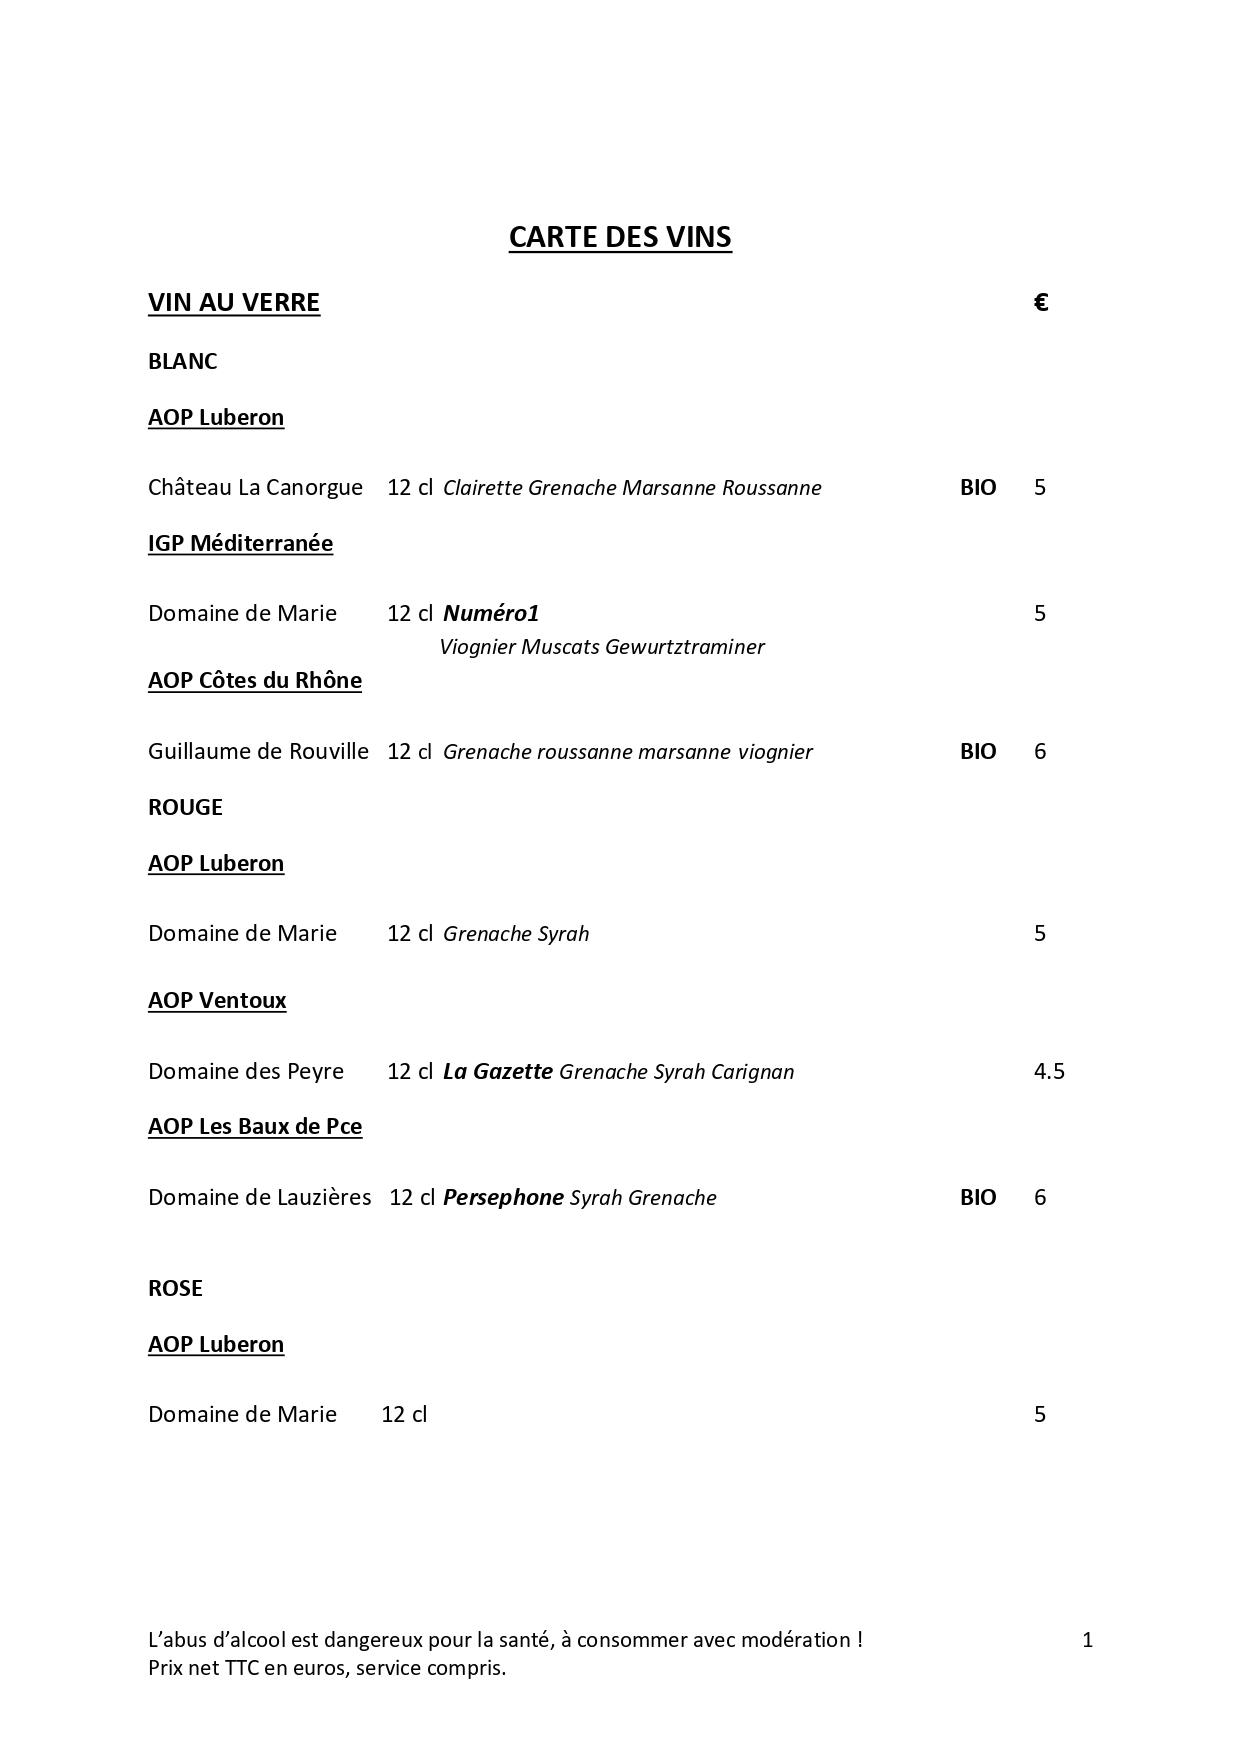 CARTE DES VINS 2-9_page-0001